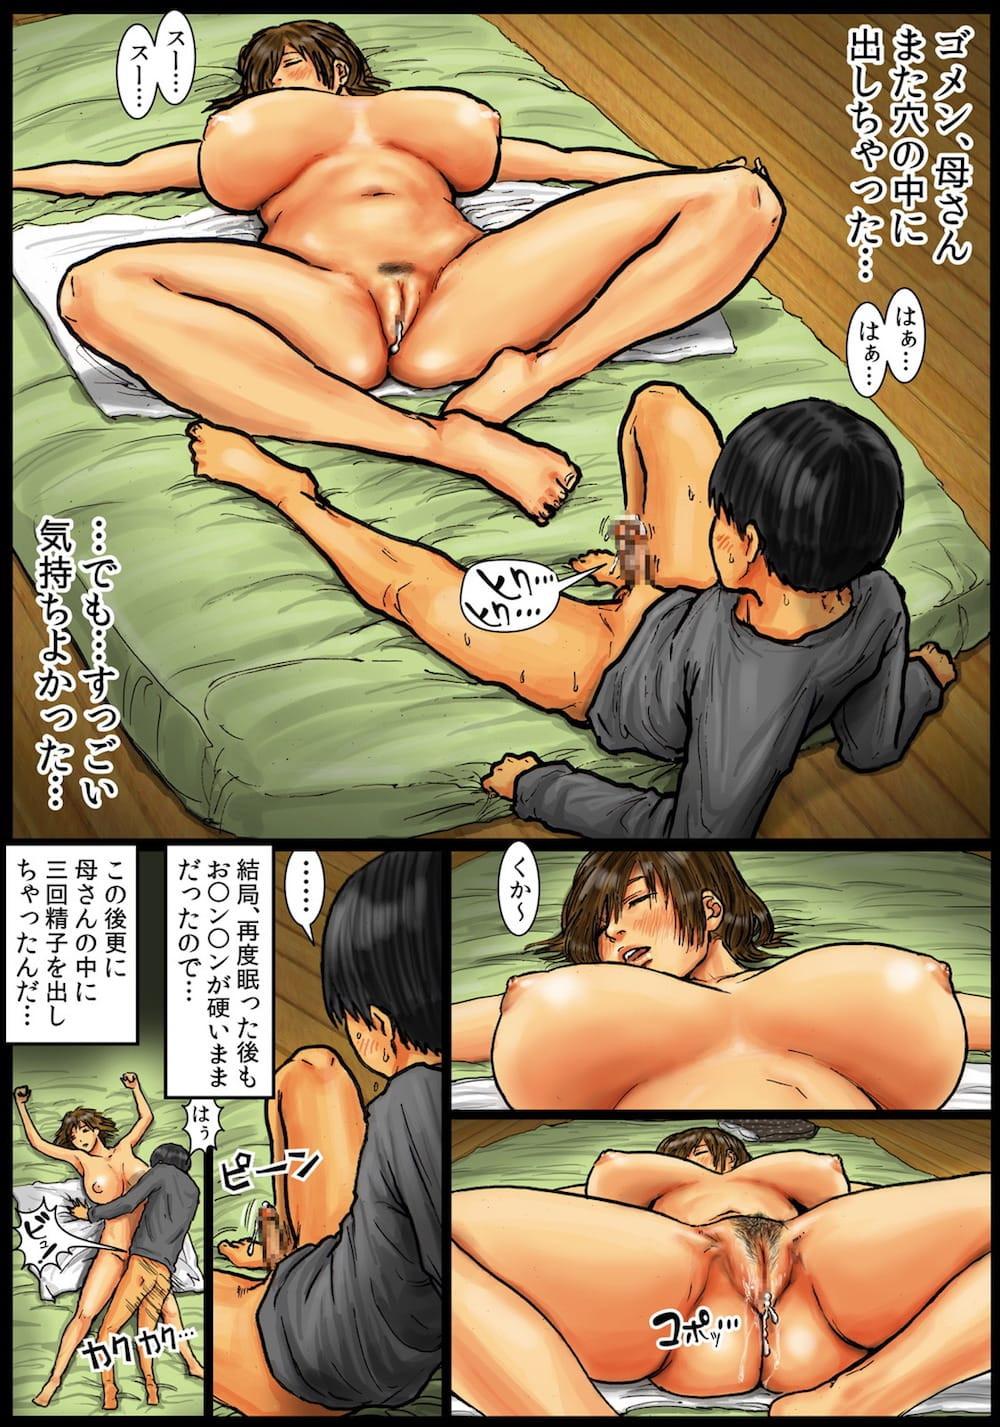 【エロ漫画・同人誌】自分の母が酔って寝ている間にセックスしてしまうマザコン男子が1週間ぶりに中出しセックス♪ 014